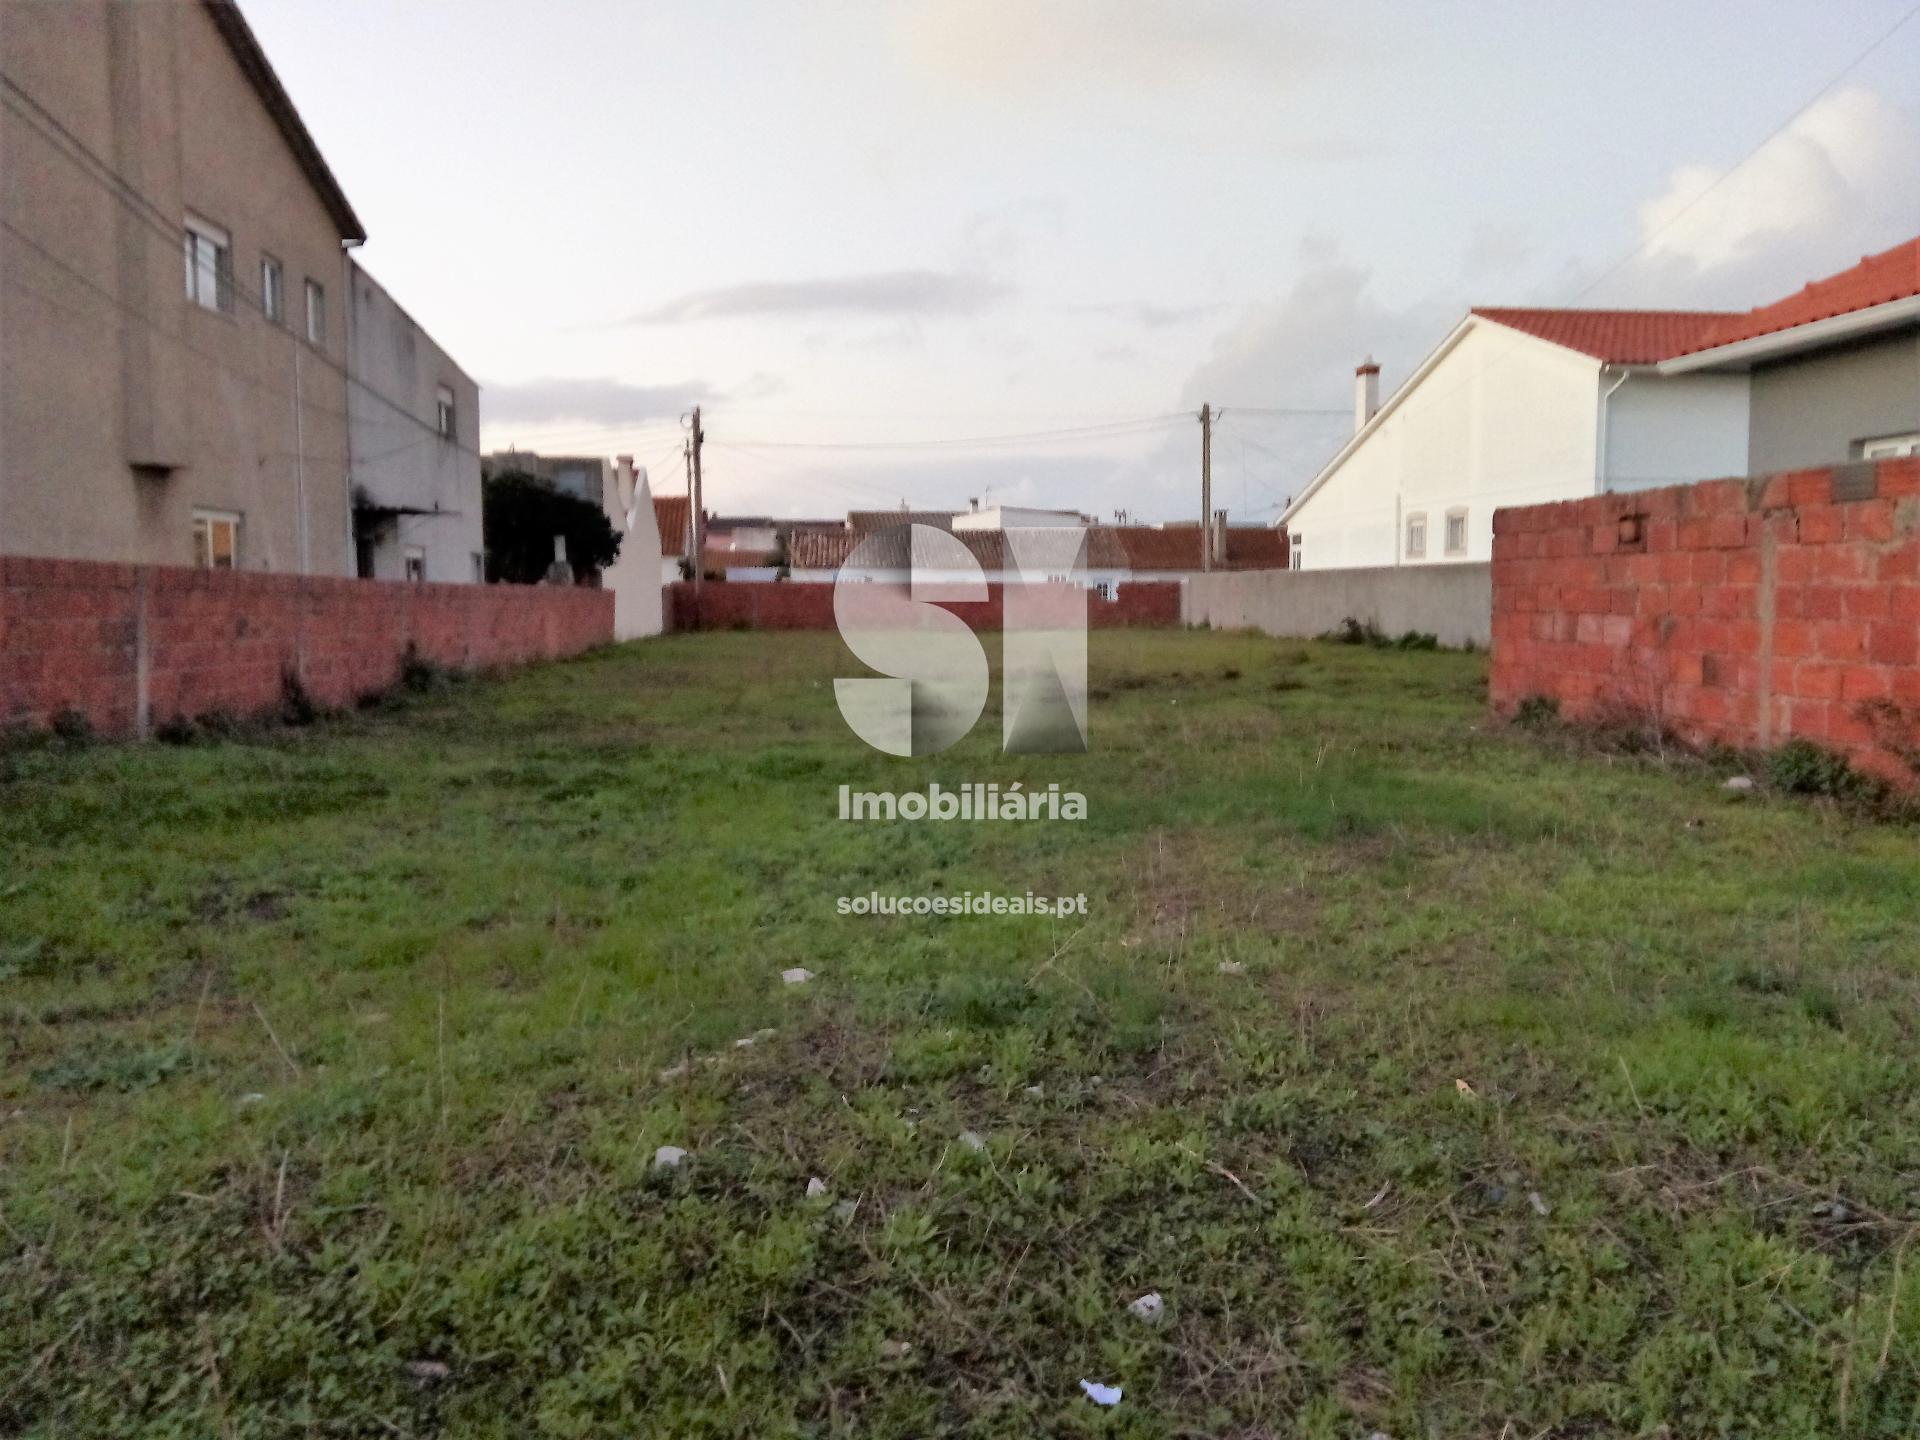 terreno para compra em marinha grande vieira de leiria vieira de leiria VPLSP275_1